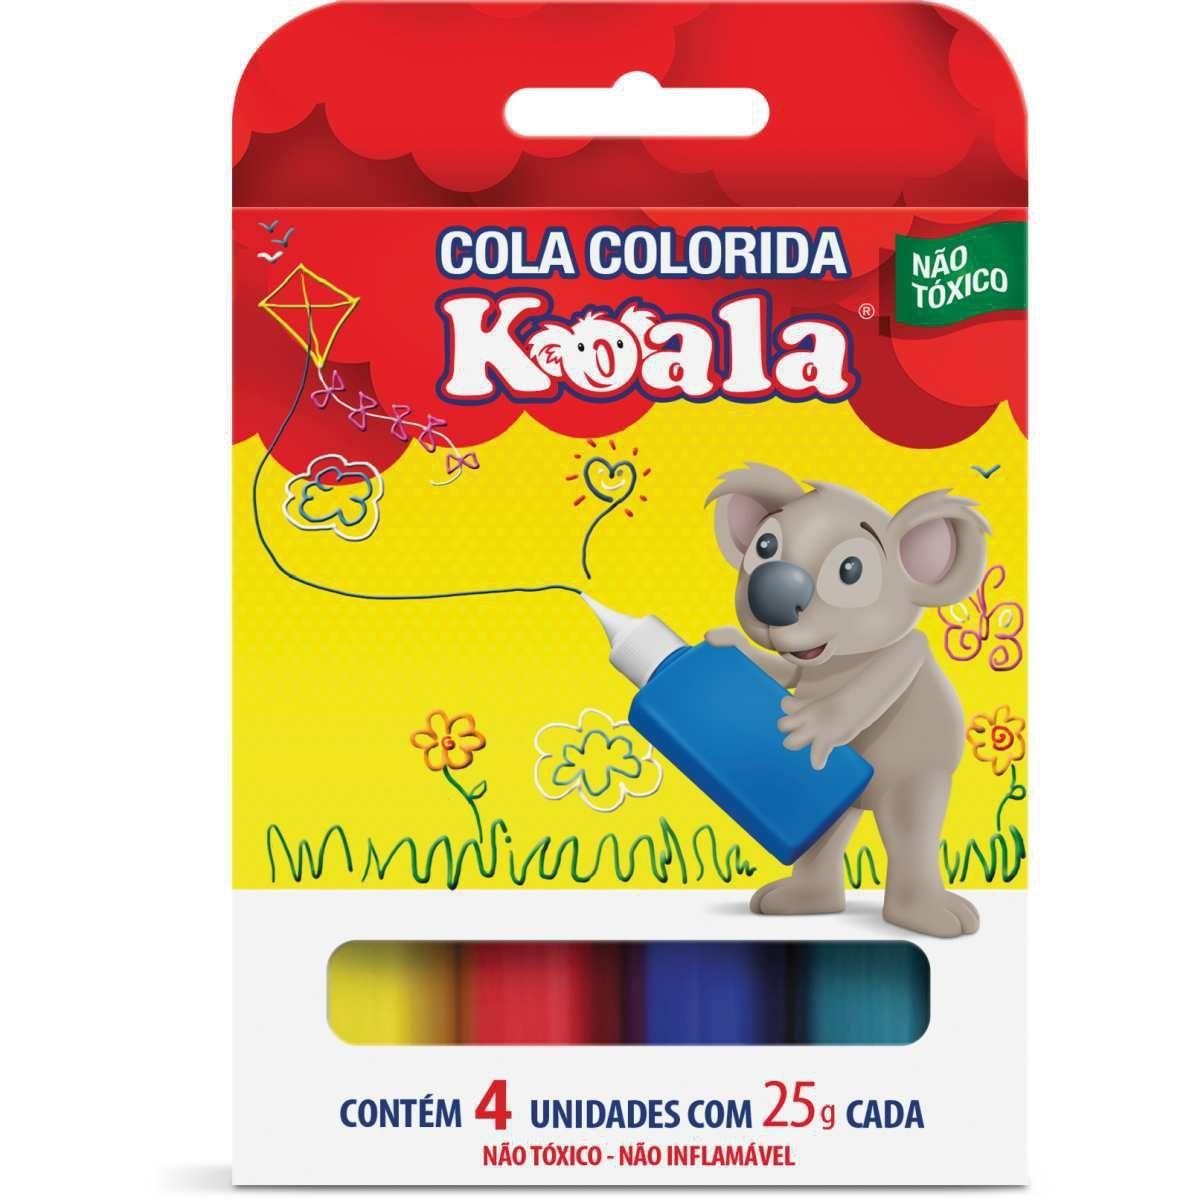 Cola colorida koala